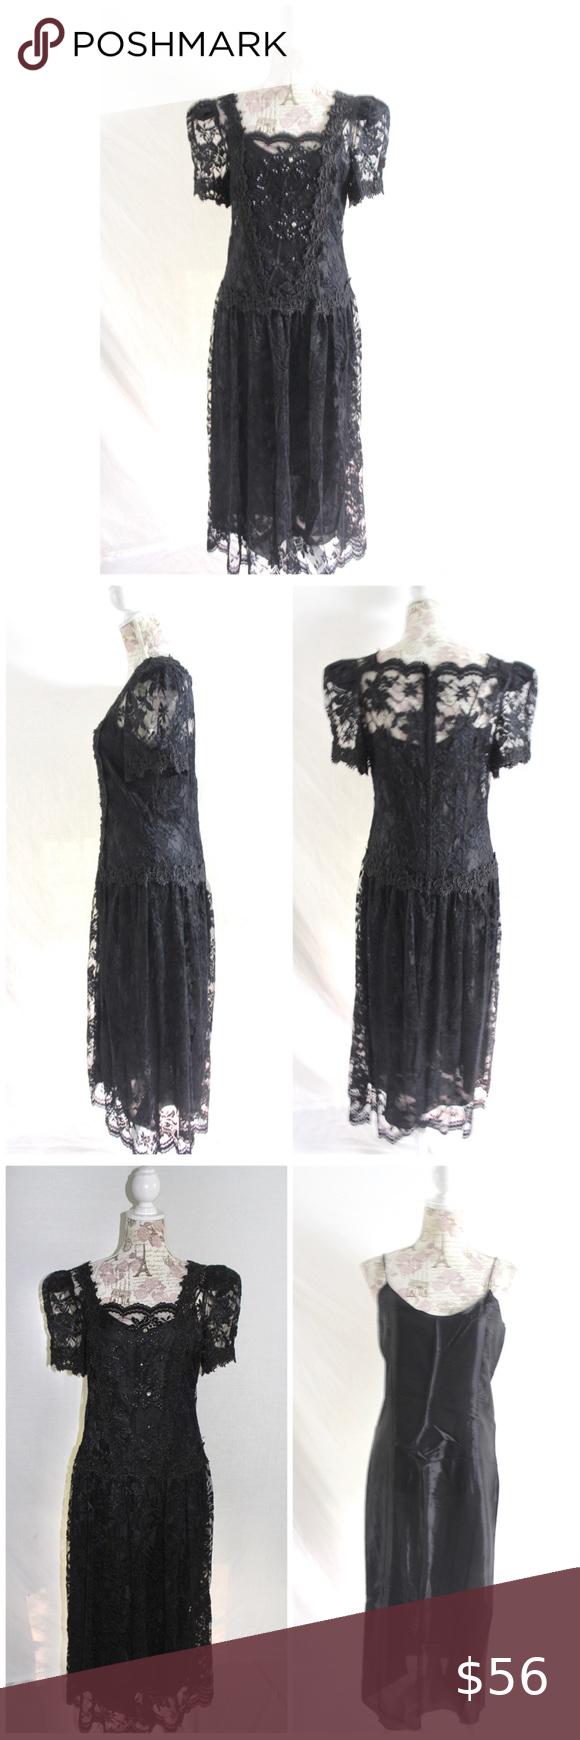 Vintage 80s Black Lace Dress Cachet Bari Protas Black Lace Dress Black Lace Midi Dress Black Slip Dress [ 1740 x 580 Pixel ]